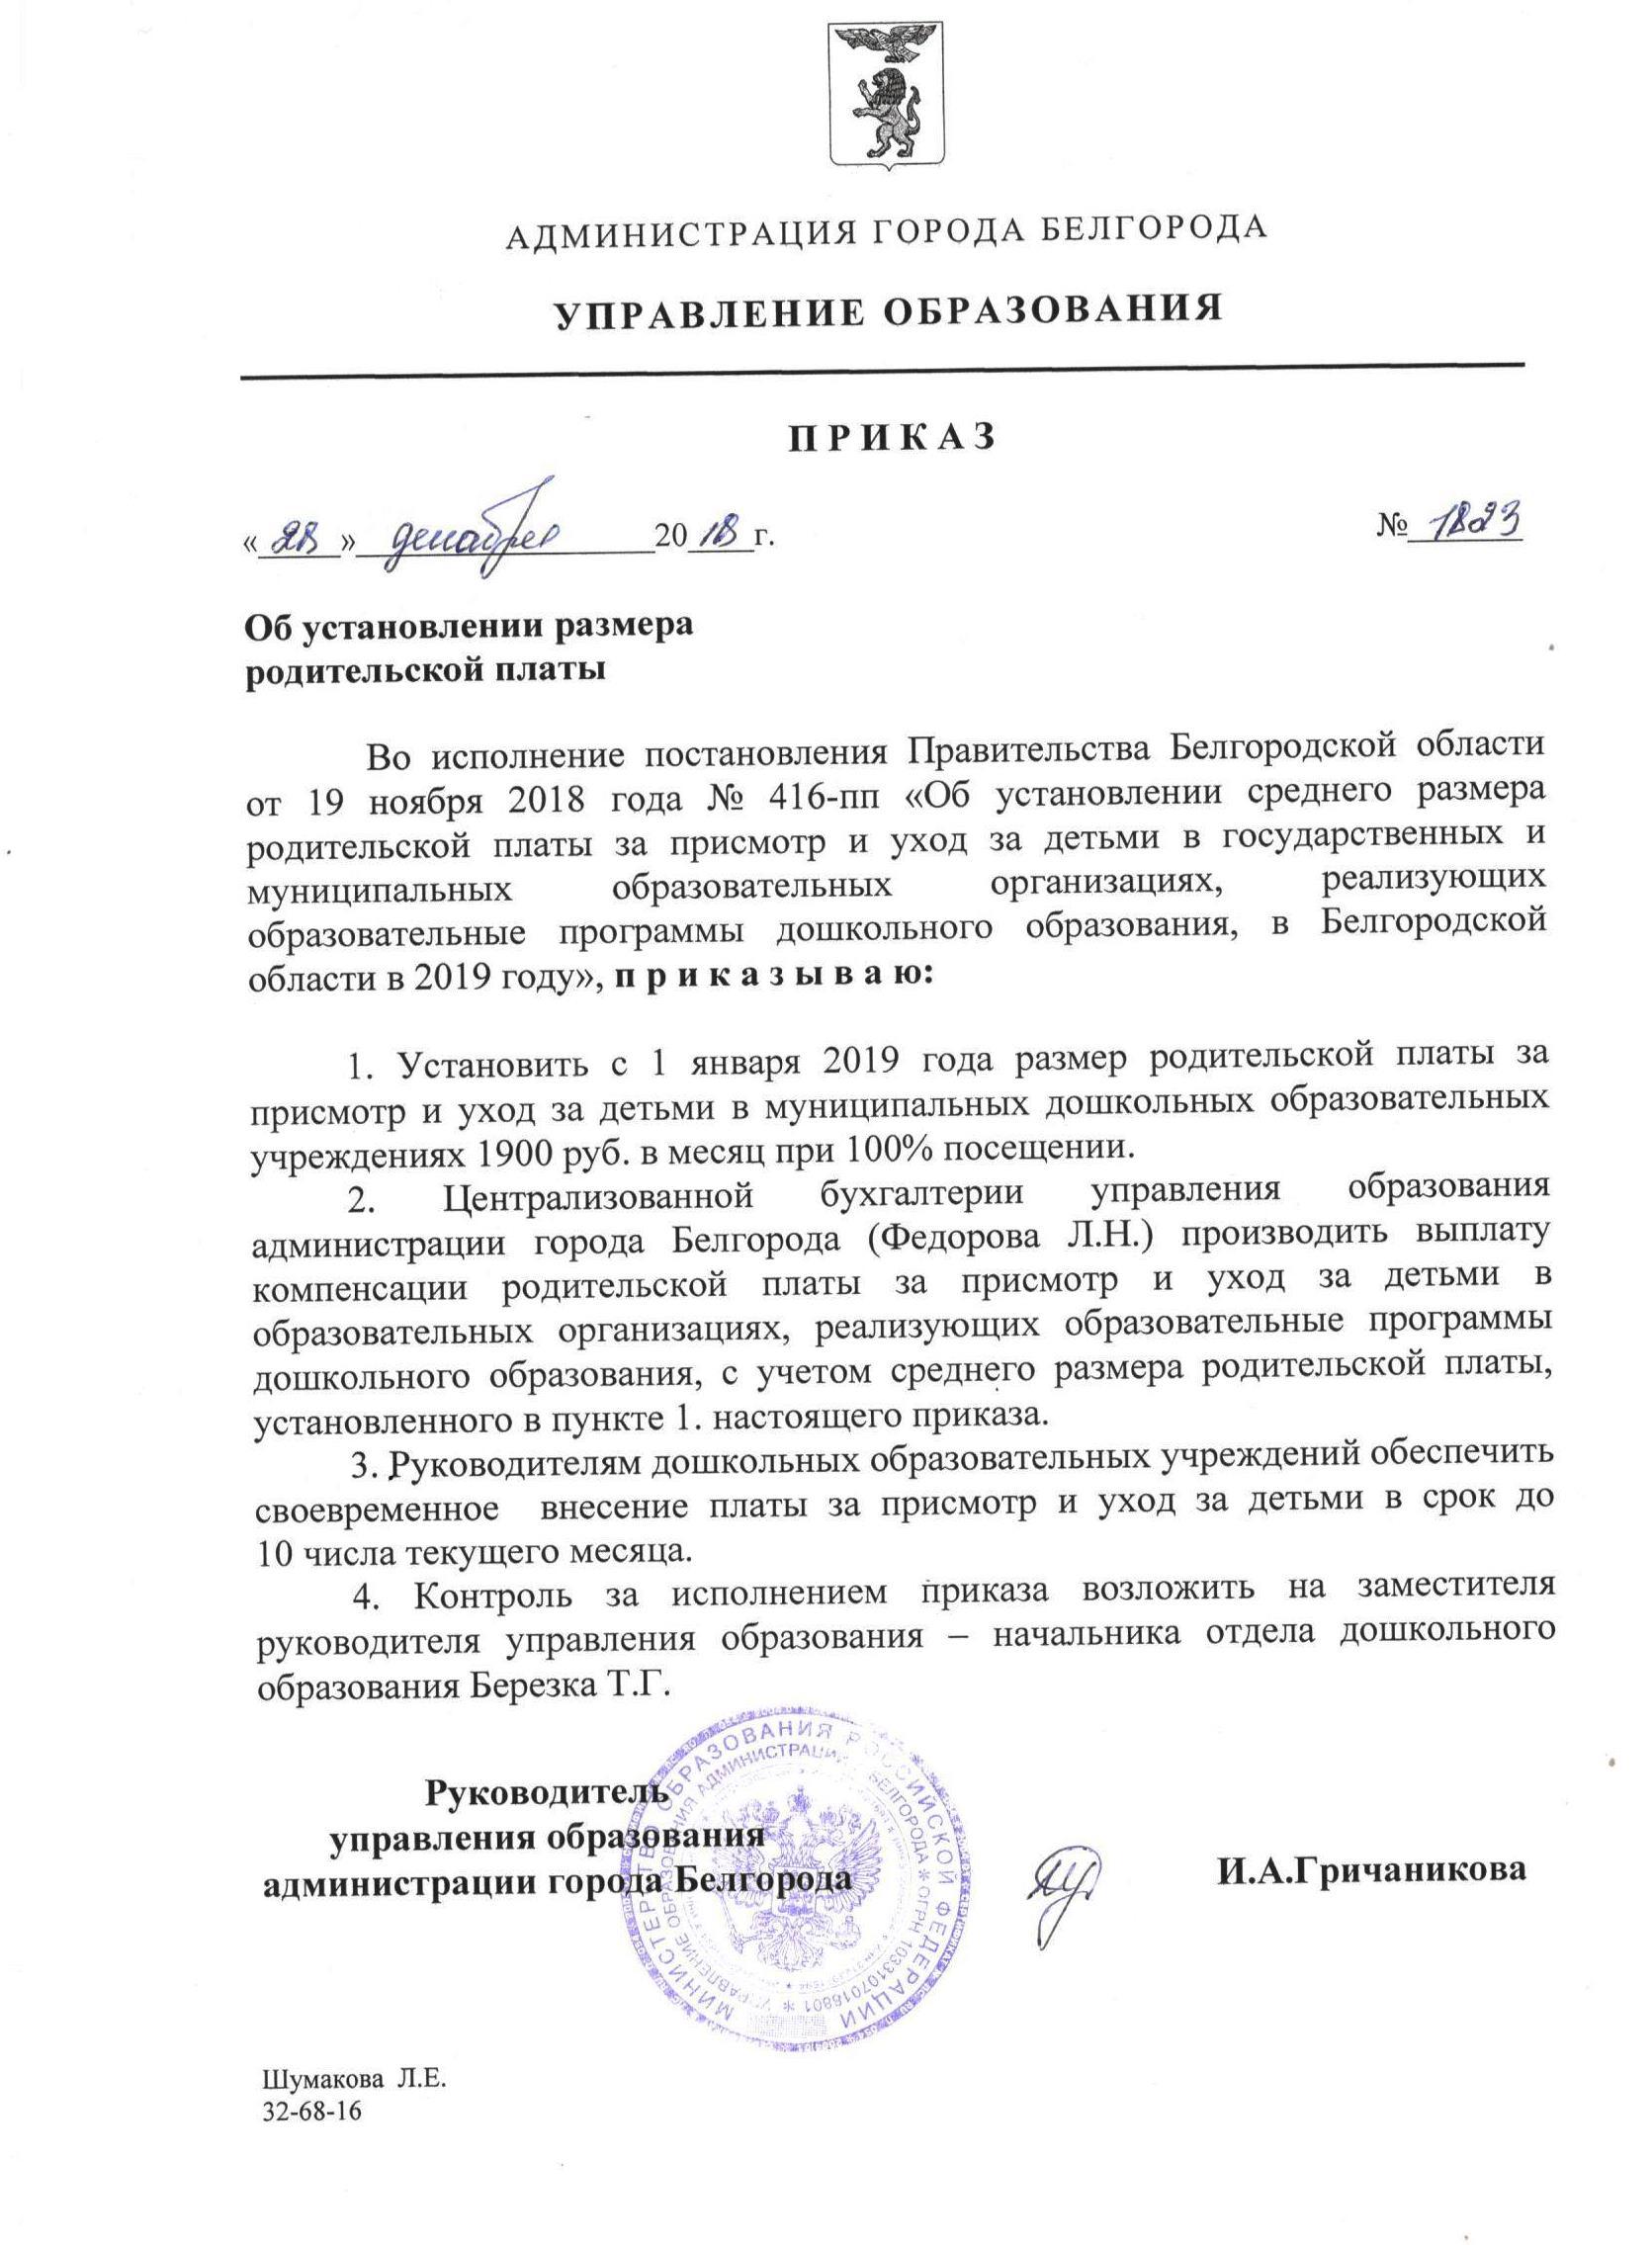 Приказ управления образования от 28.12.2018 г. № 1823 Об установлении родительской платы